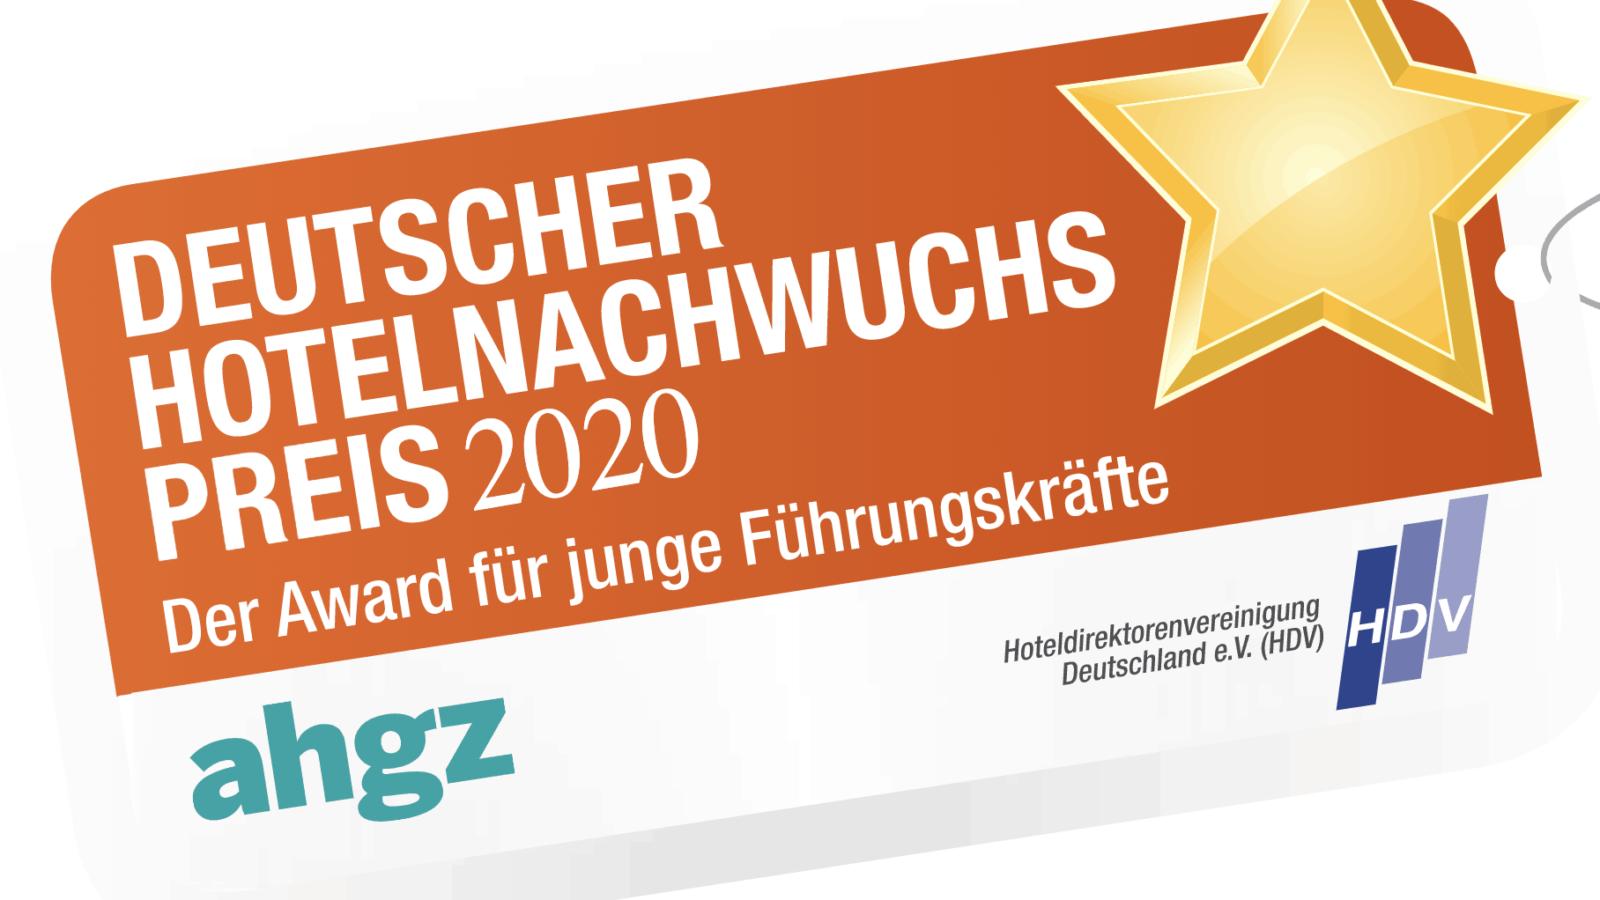 Deutscher Hotelnachwuchspreis 2020